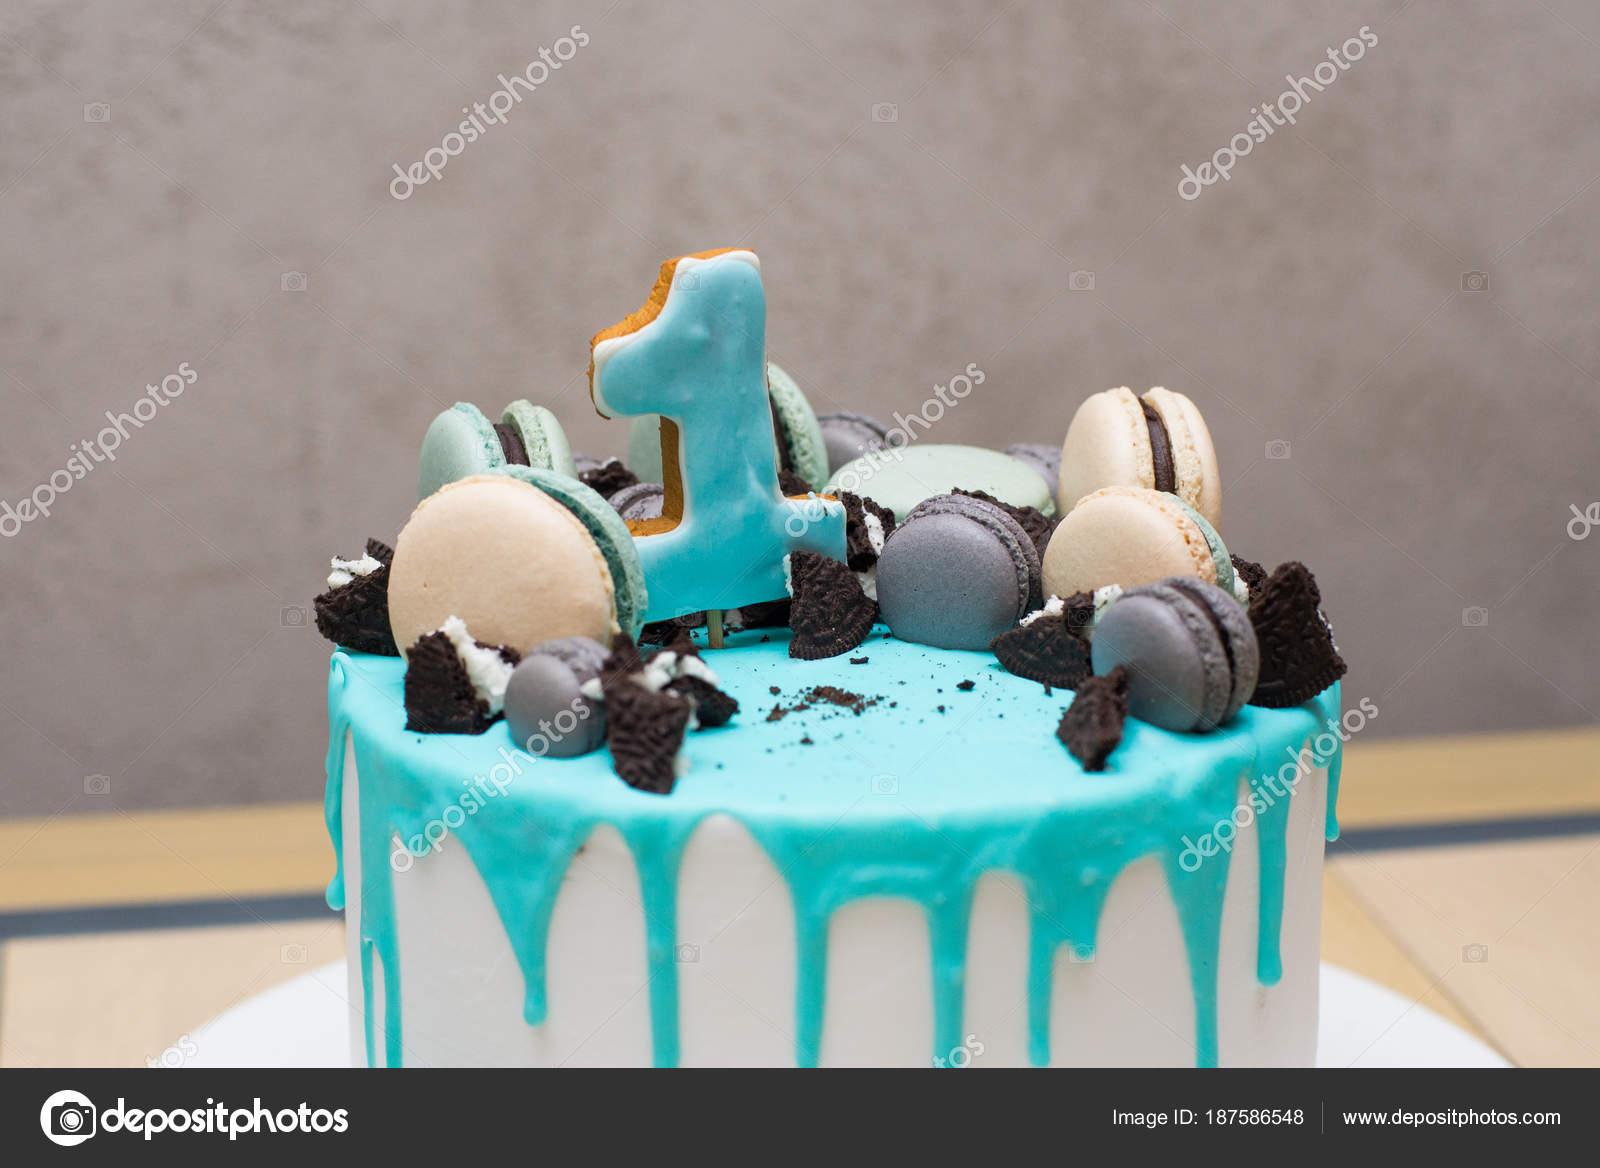 Projekt Tło Uroczysty Dla Obchody Urodzin Tort Dla Smakoszy